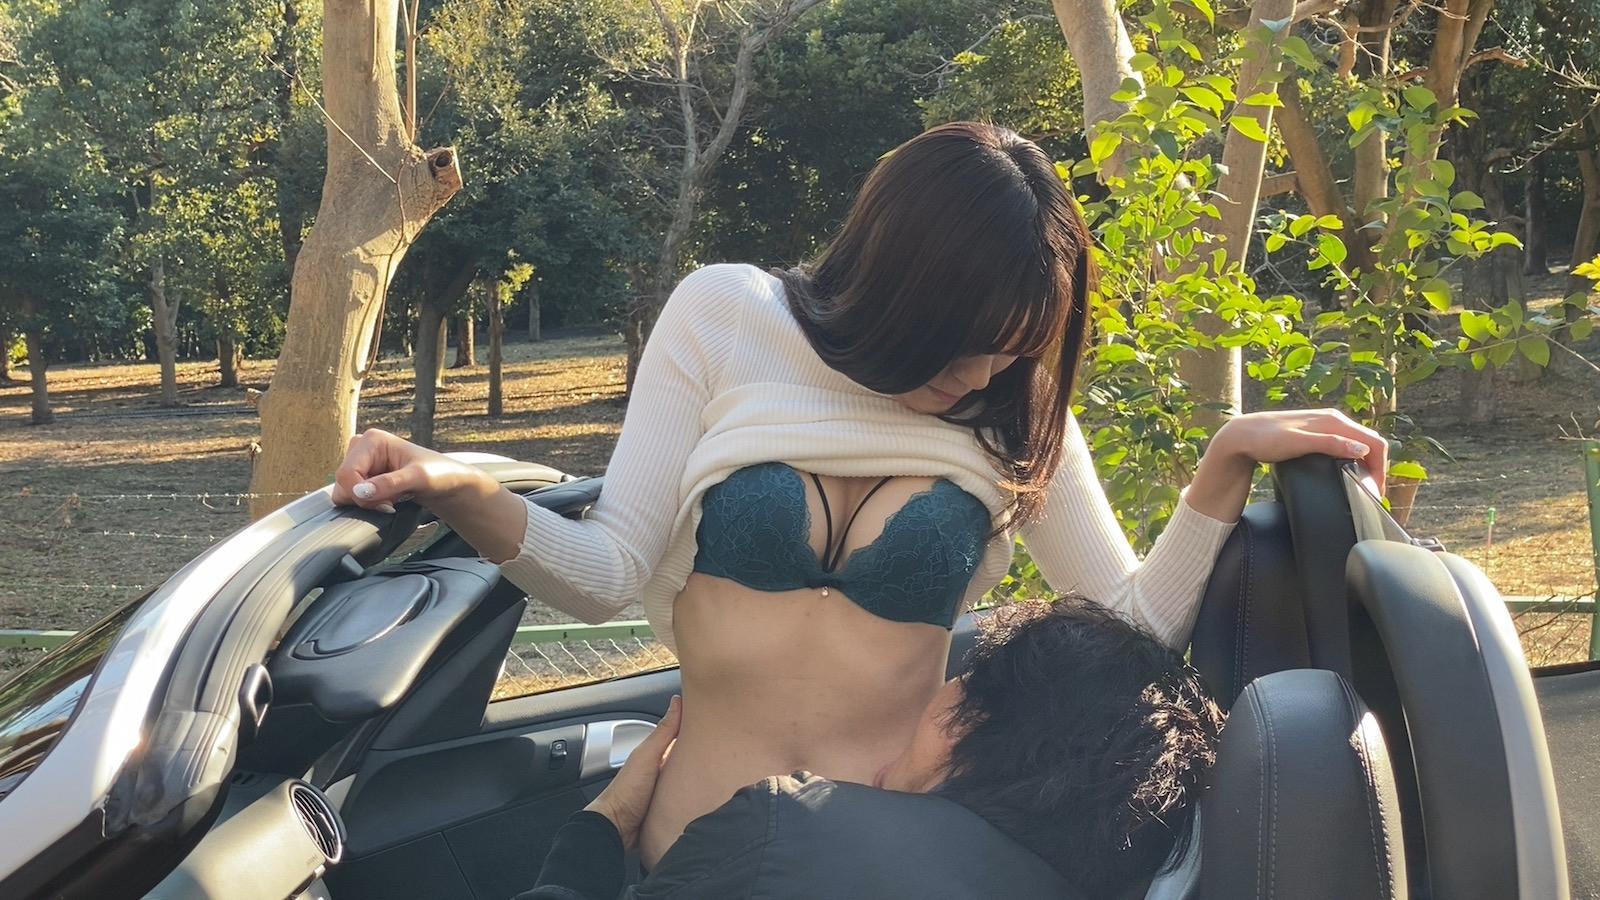 元ファッションモデルとポ○シェでカーセックスチョー最高! 希のぞみ 画像5